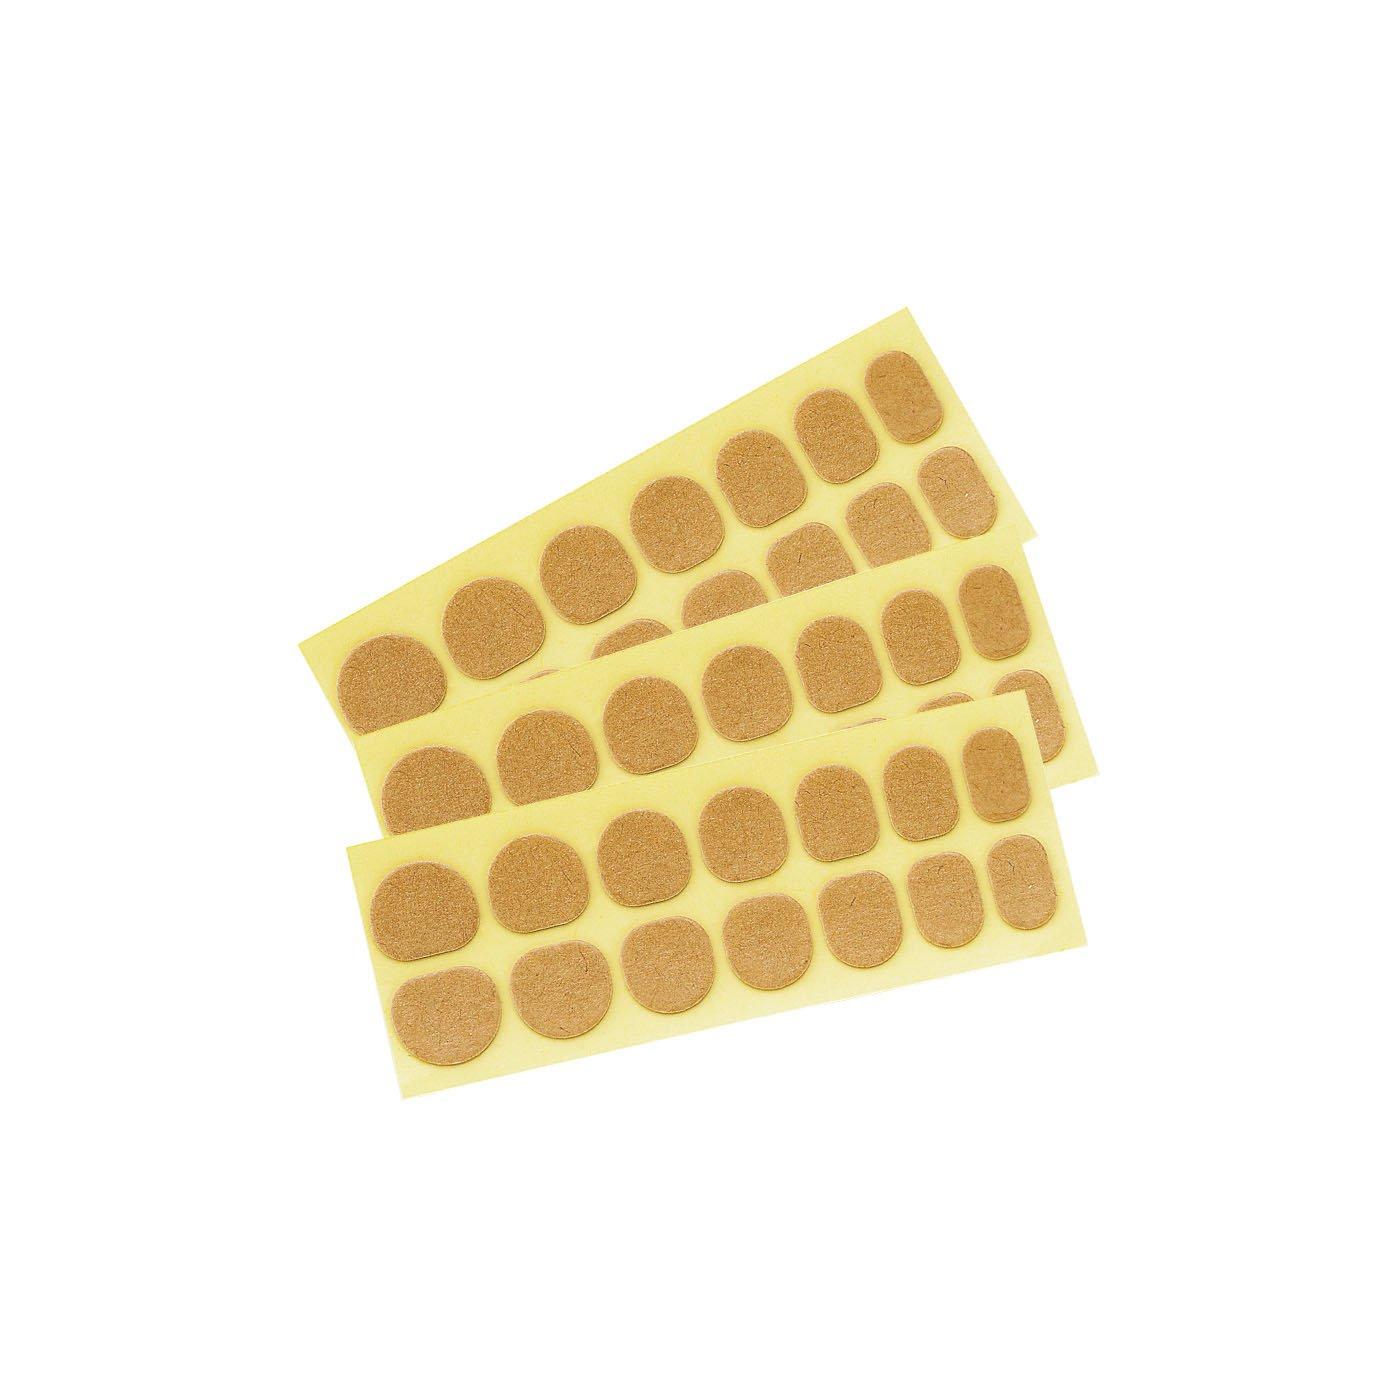 ジェルネイルレッスン 形状ぴったりチップ用 装着シール3シートセット(グミタイプ)